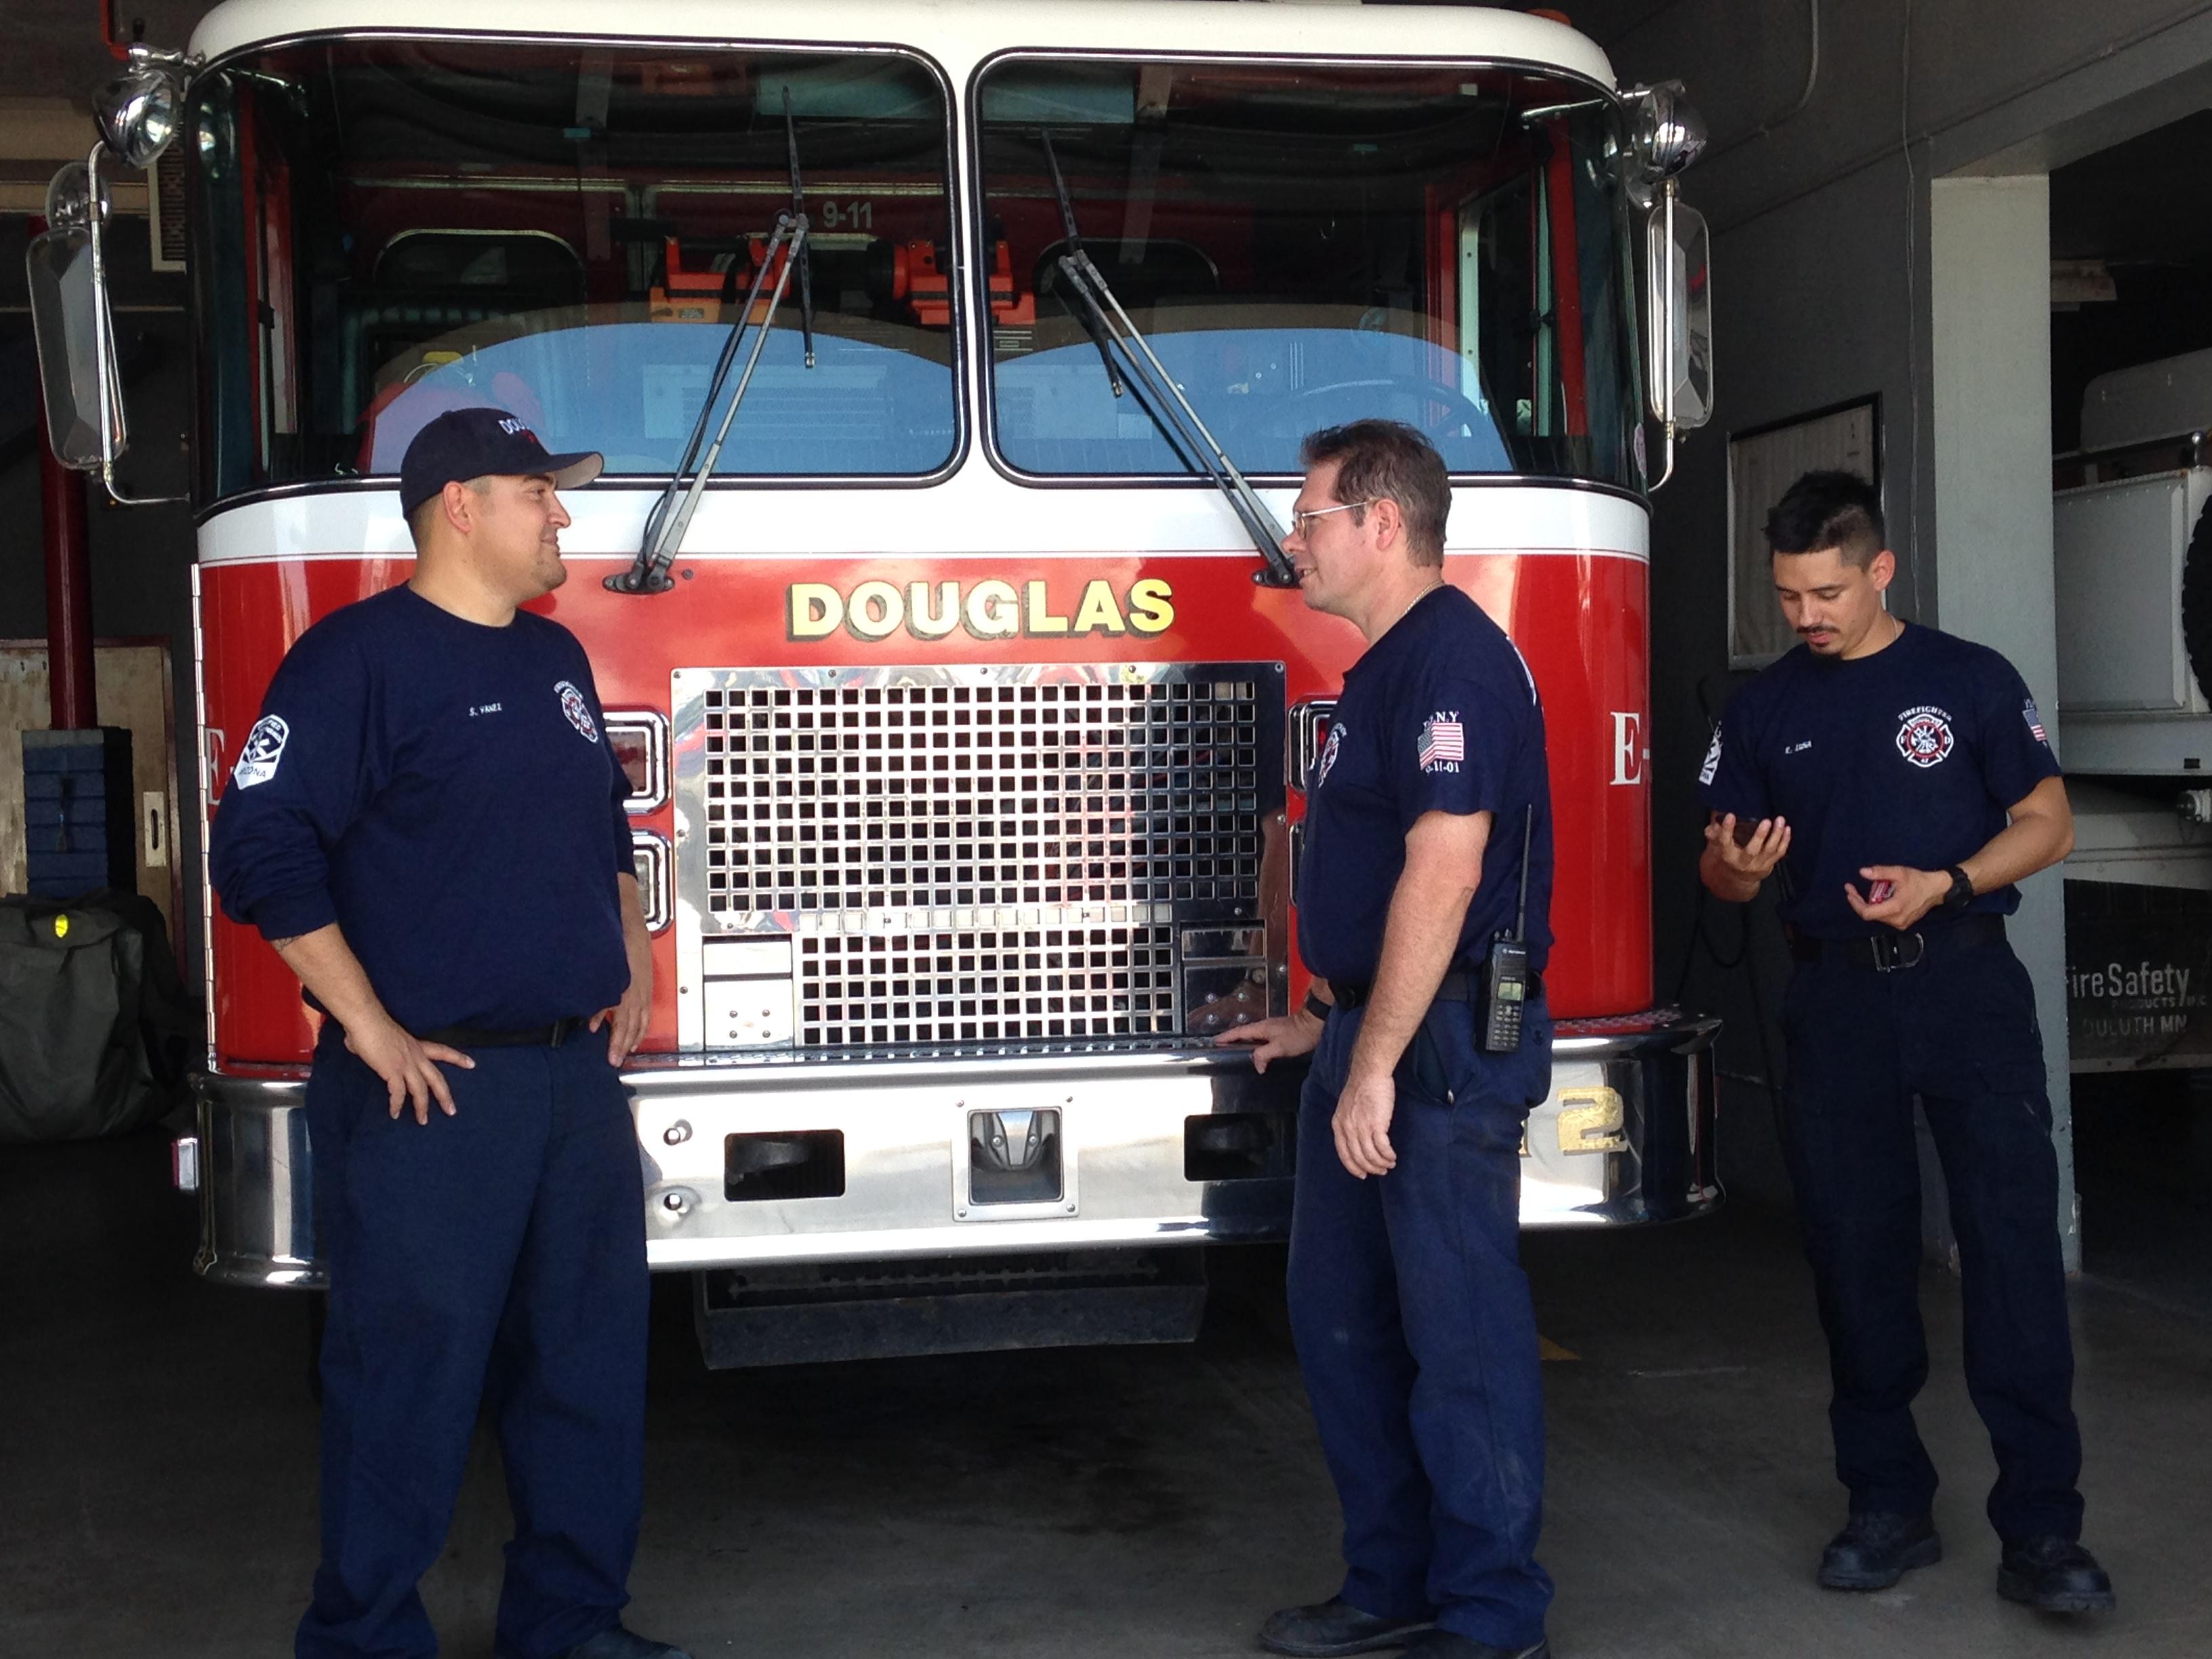 Douglas'